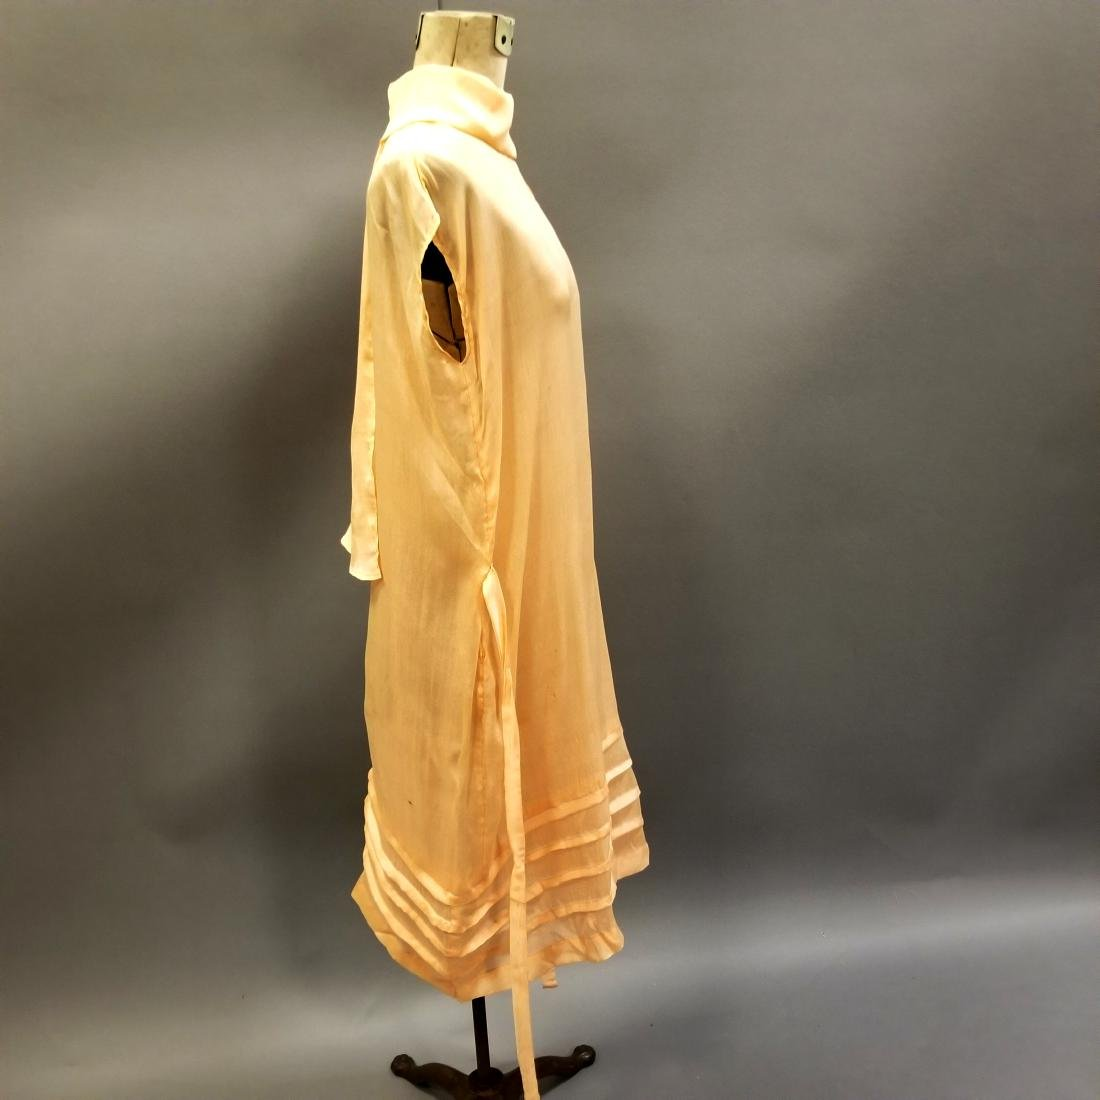 Youthful Peach Silk Dress - 5